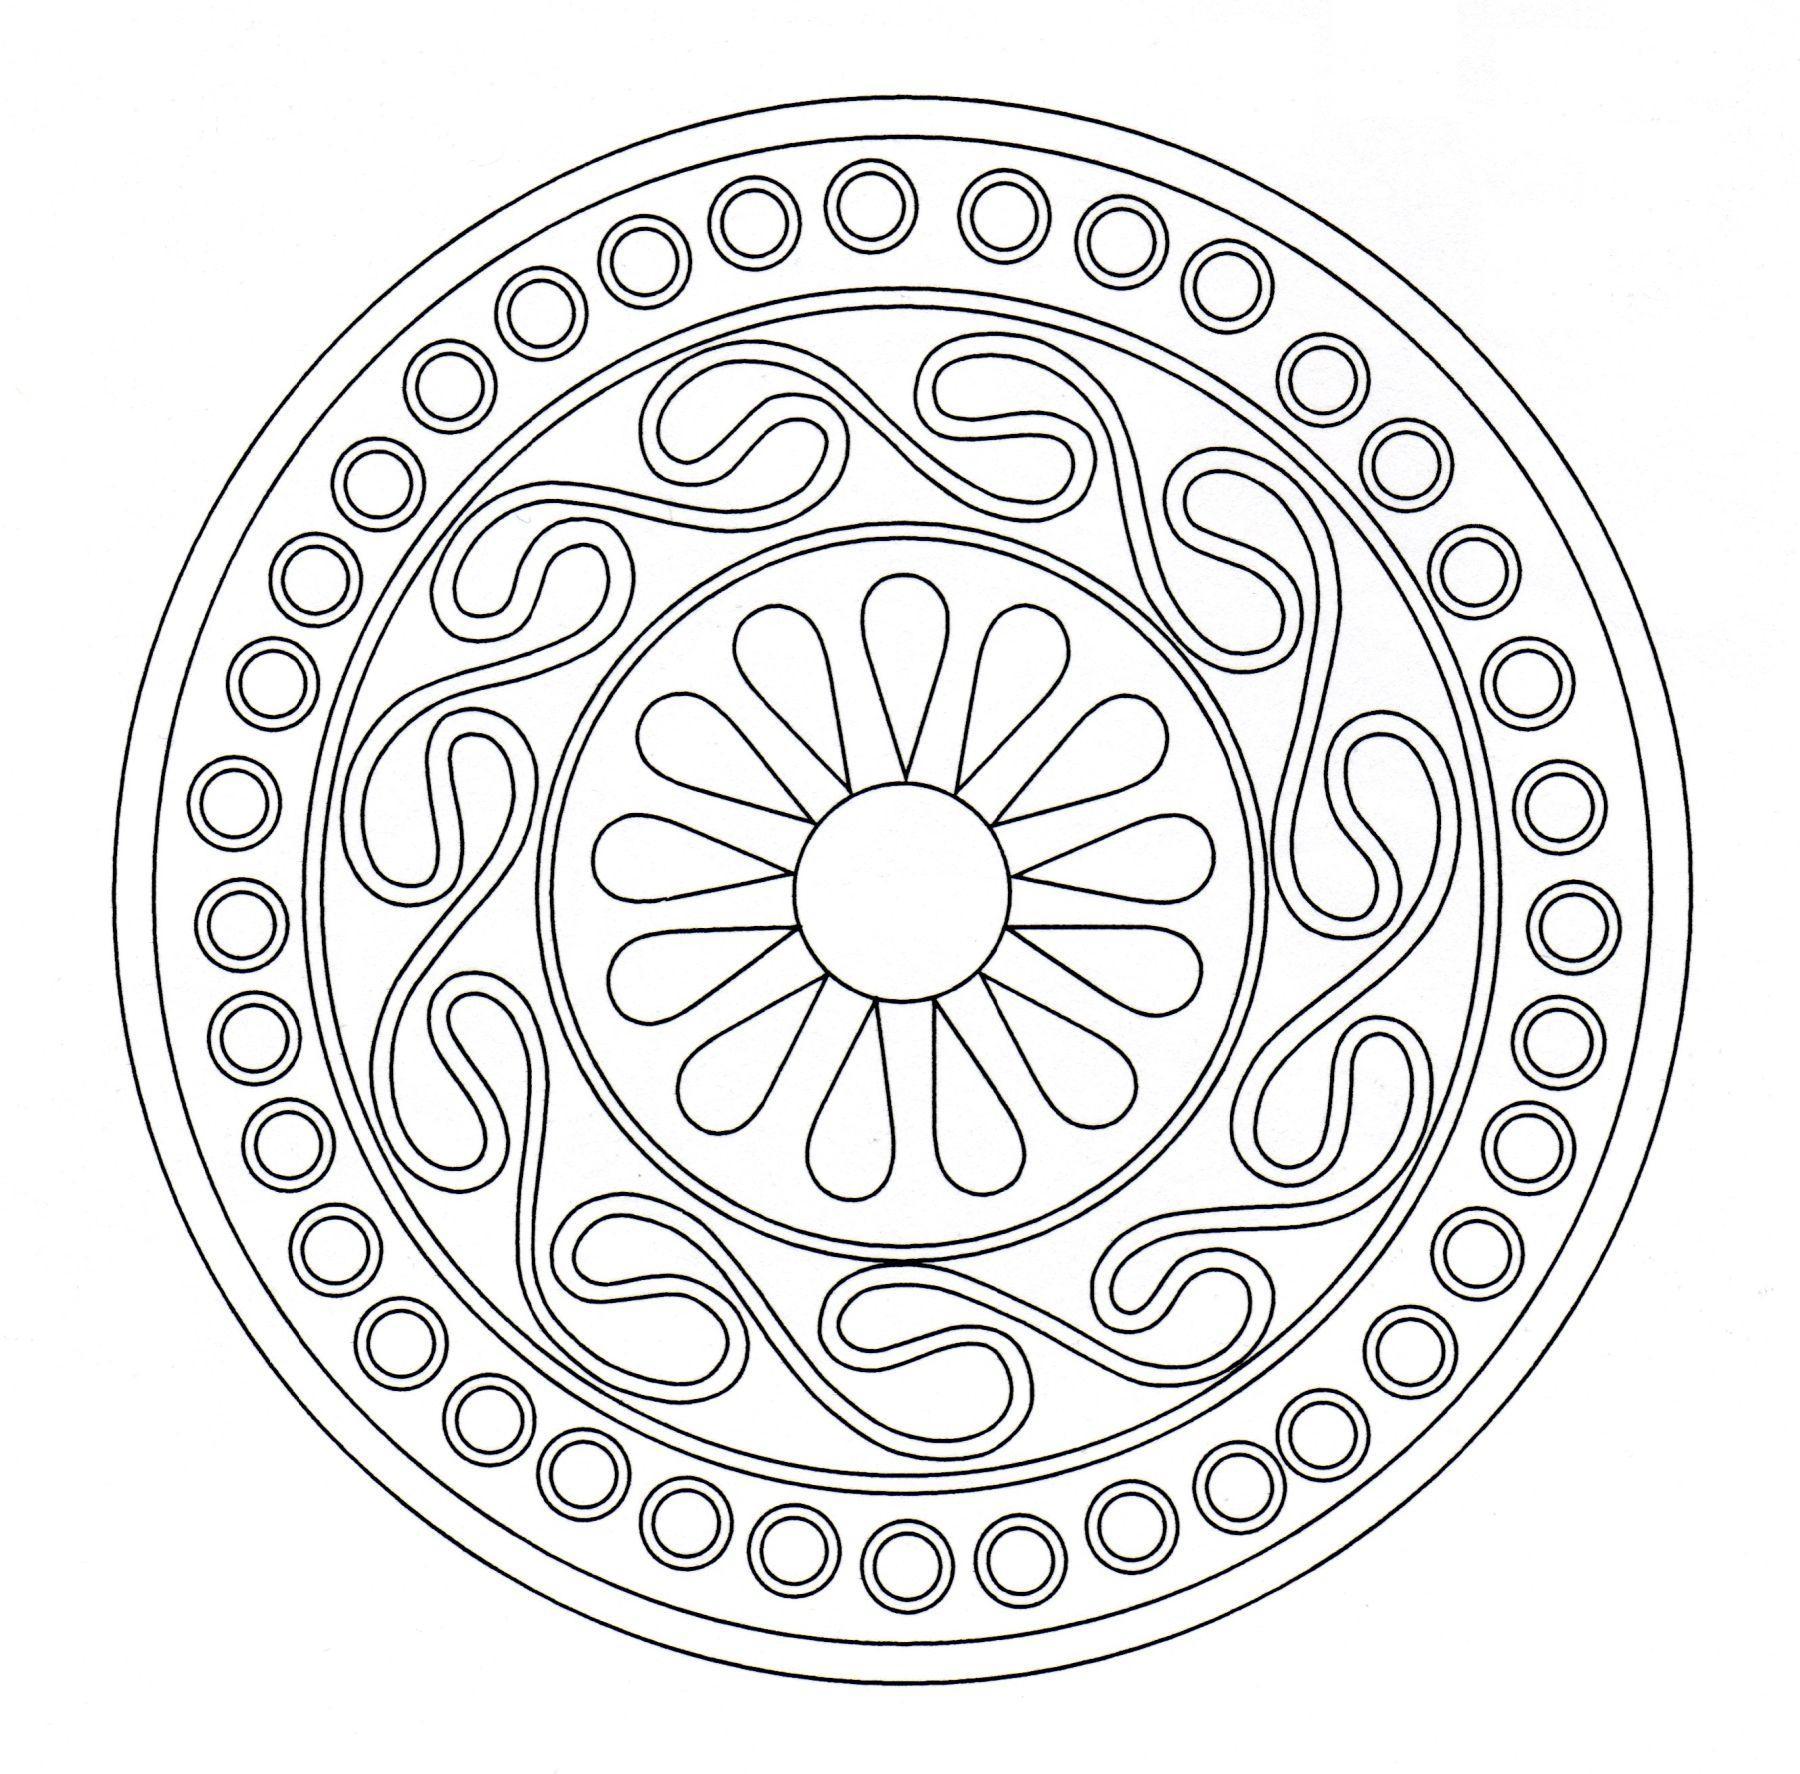 Mandala celtic 7 Simple Mandalas 100 Mandalas Zen Antistress